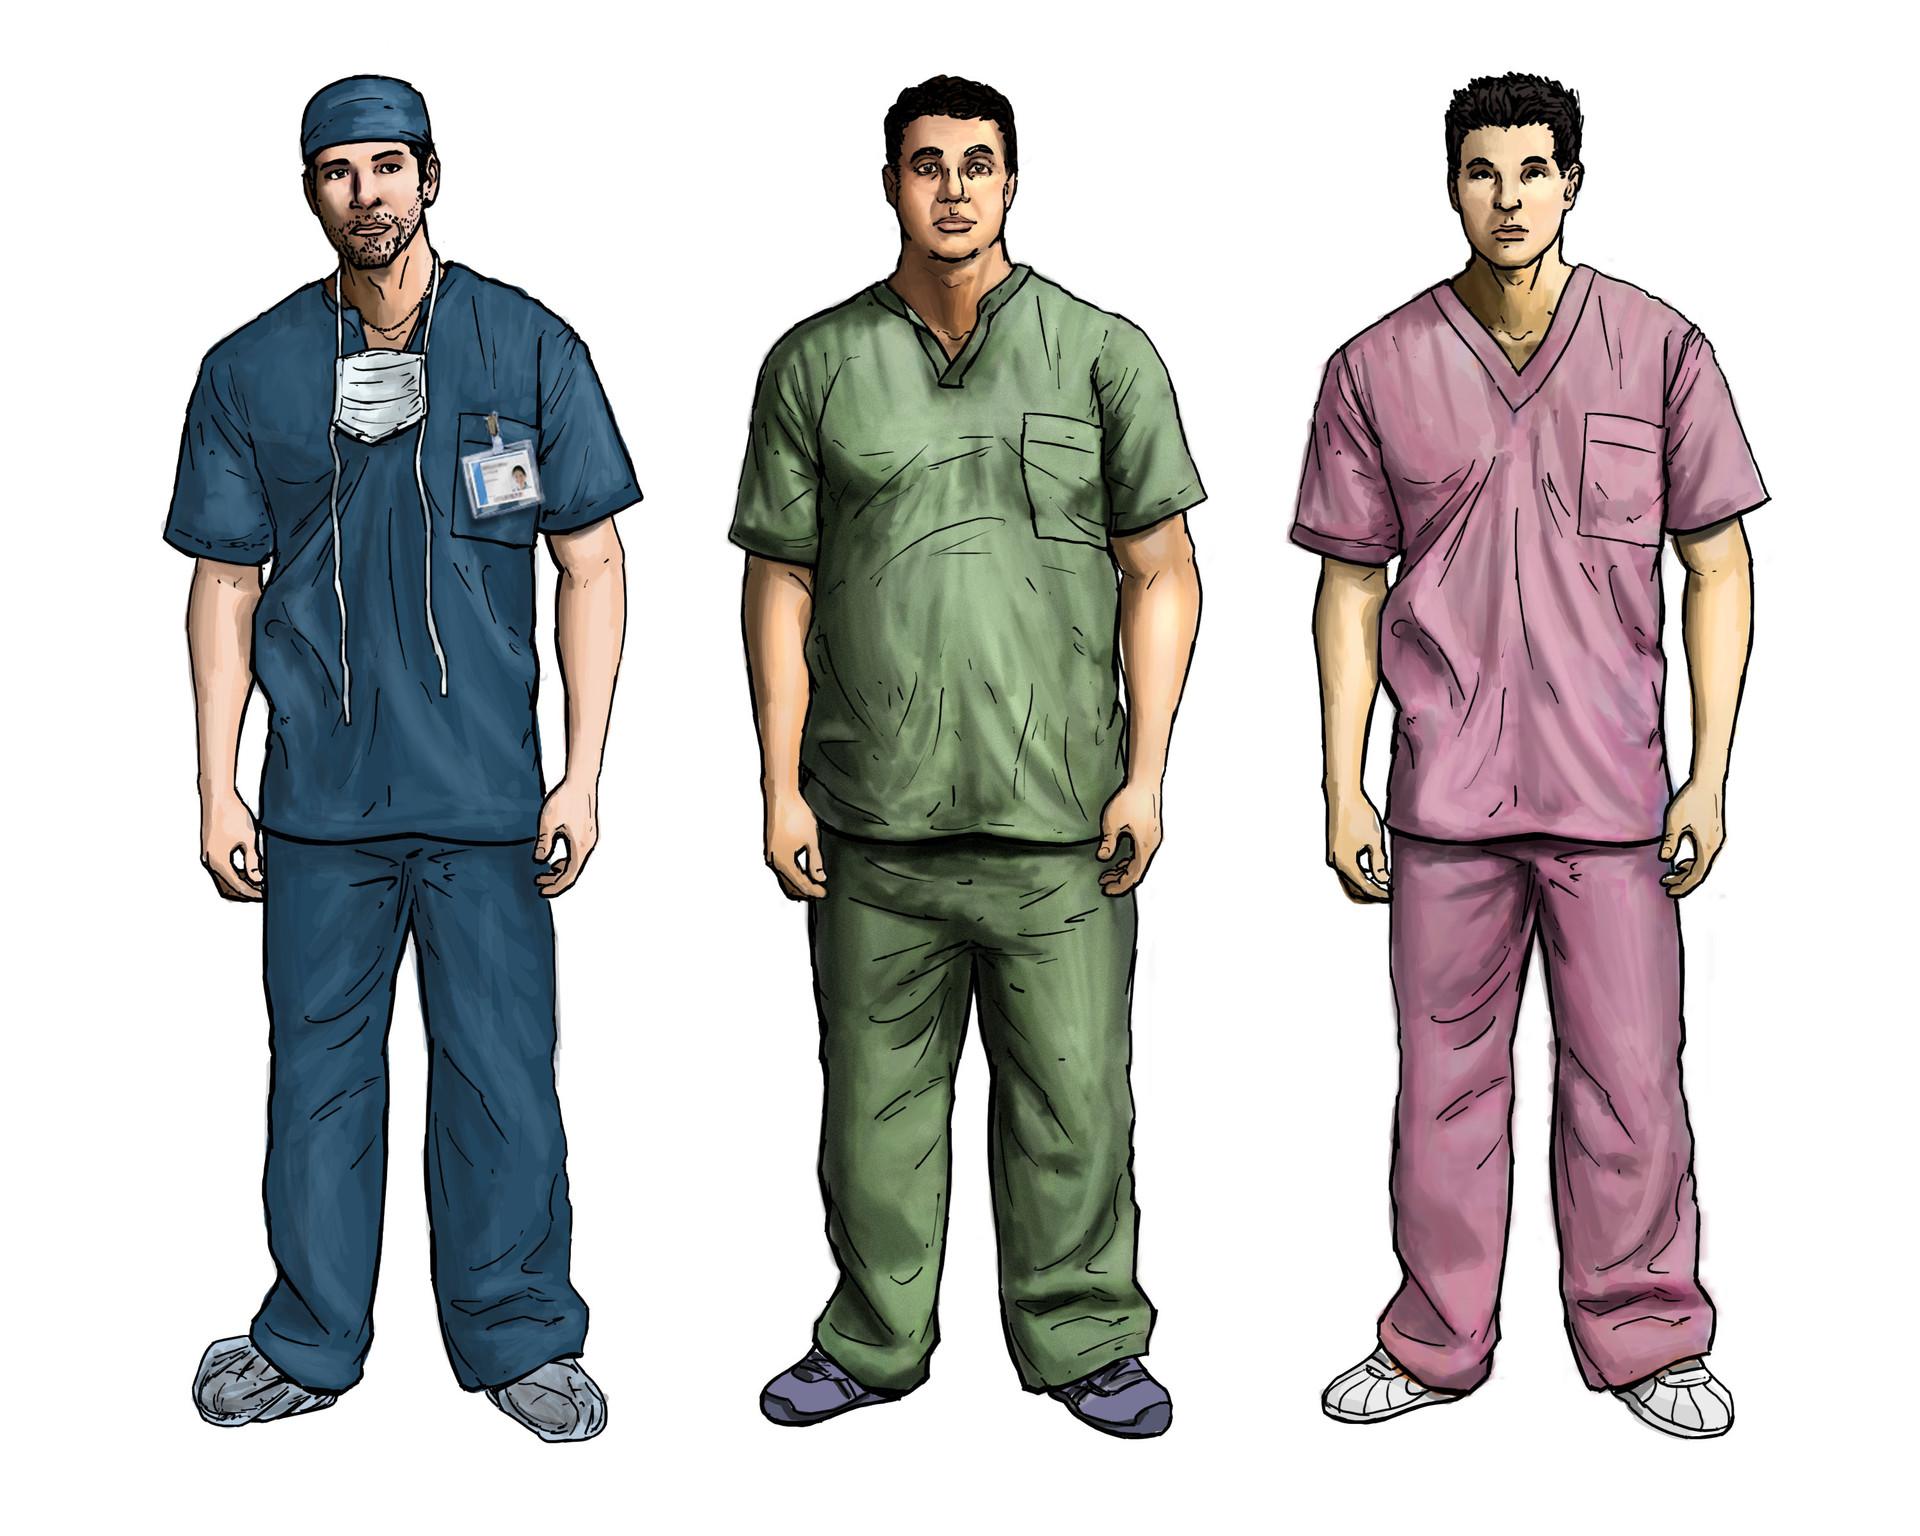 Jeff zugale male scrubs 2